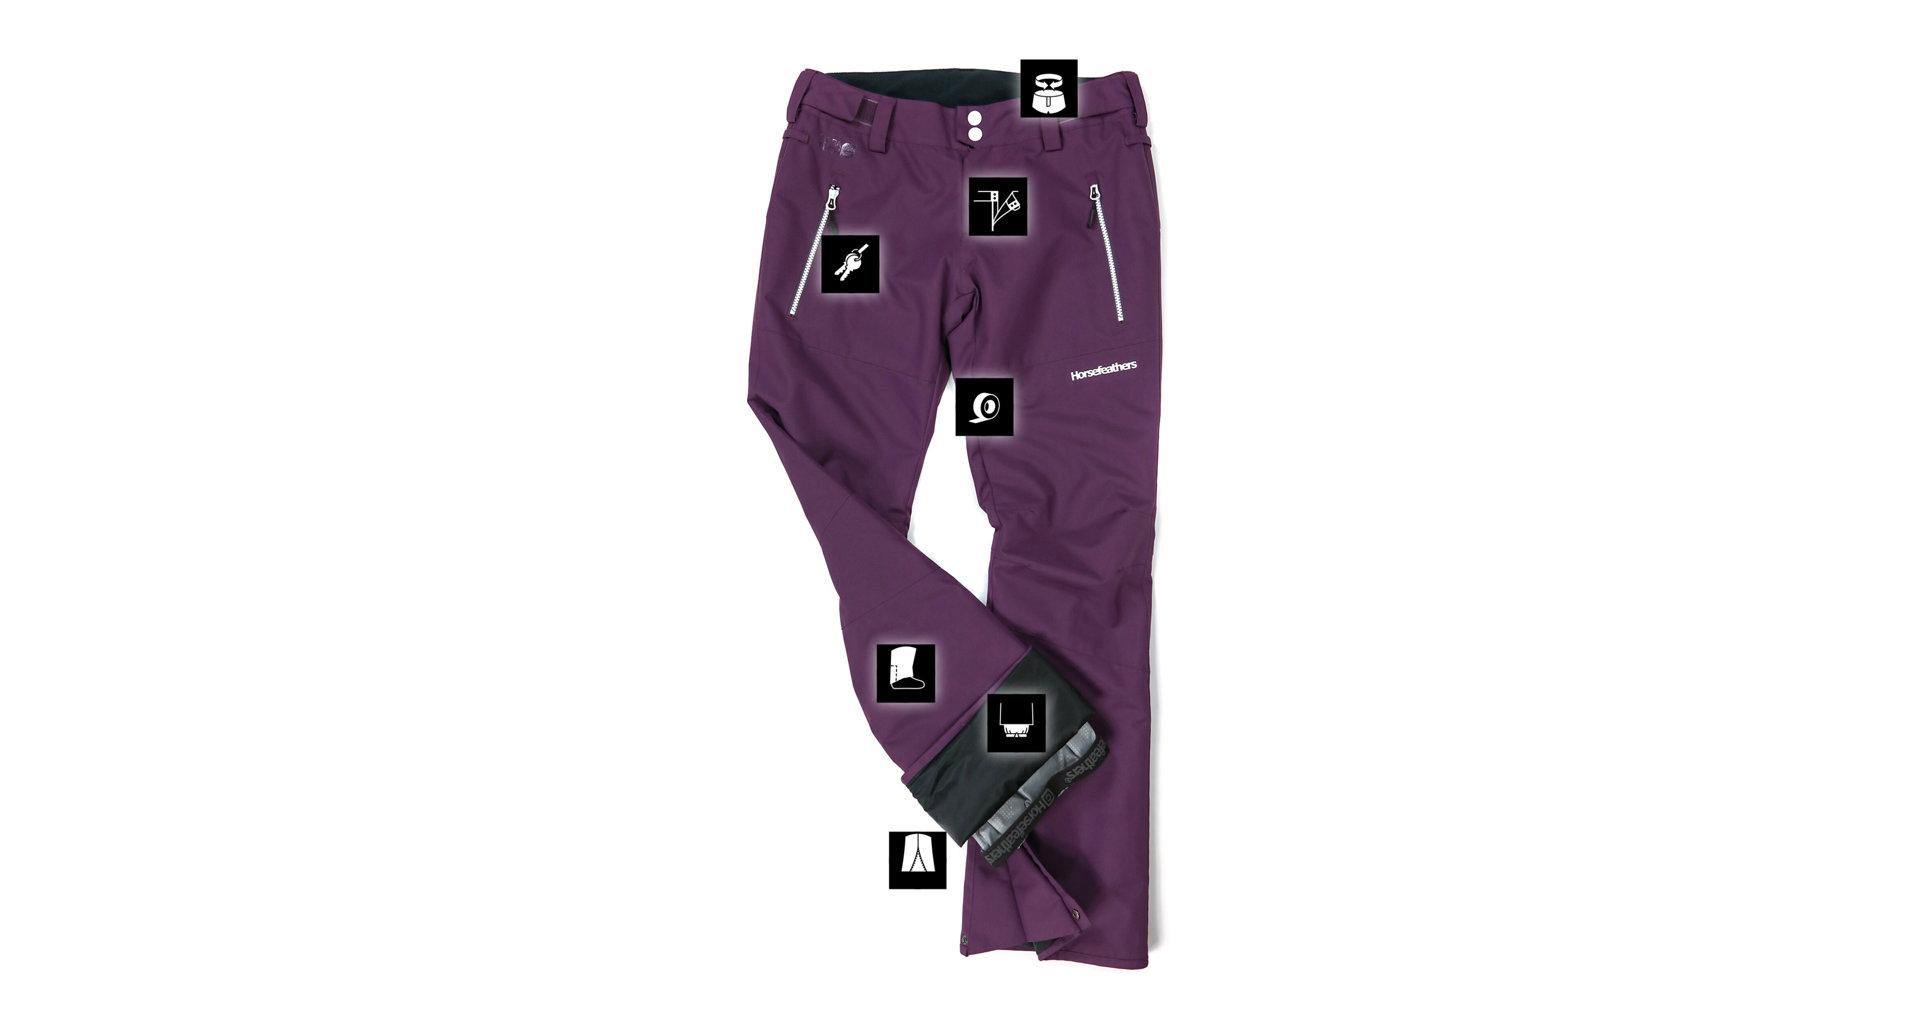 horsefeathers-damske-kalhoty-na-snowboard-avril-Grape-20-21-exilshop